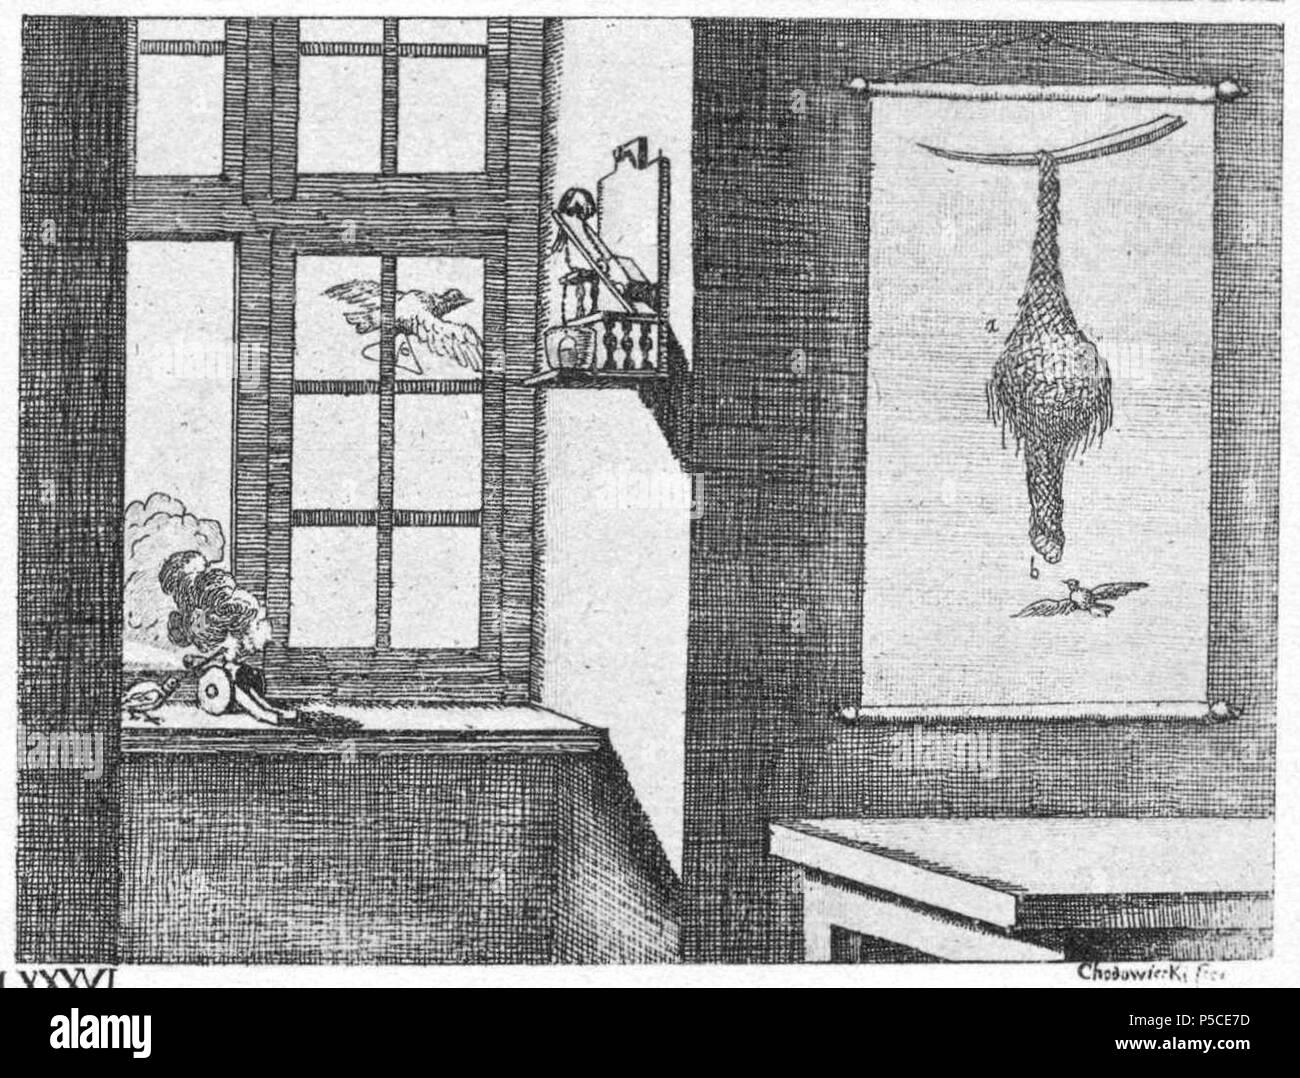 N/A. Registerkarte. LXXXVI. Geschicklichkeit der Tiere. d) Der Kanarienvogel, ein konstabel. Taube stirbt, ist länger tot Briefträgerin. Ein Stieglitz,-Freßkasten ziehend. Das Nest des Pendolino, wie eine Korbflasche mit zwei Hälsen. (Beschreibung Lt. Quelle). 1774. Daniel Chodowiecki (1726 - 1801) Alternative Namen Daniel Nikolaus Chodowiecki Beschreibung deutsch-polnischen Maler und Graphiker Geburtsdatum / Tod 16. Oktober 1726 vom 7. Februar 1801 Ort der Geburt / Todes Gdask Berlin Standort Berlin Authority control: Q 696720 VIAF: 59092320 ISNI: 0000 0001 2134 8231 ULAN: 500014861 50038187 LCCN: n Stockbild